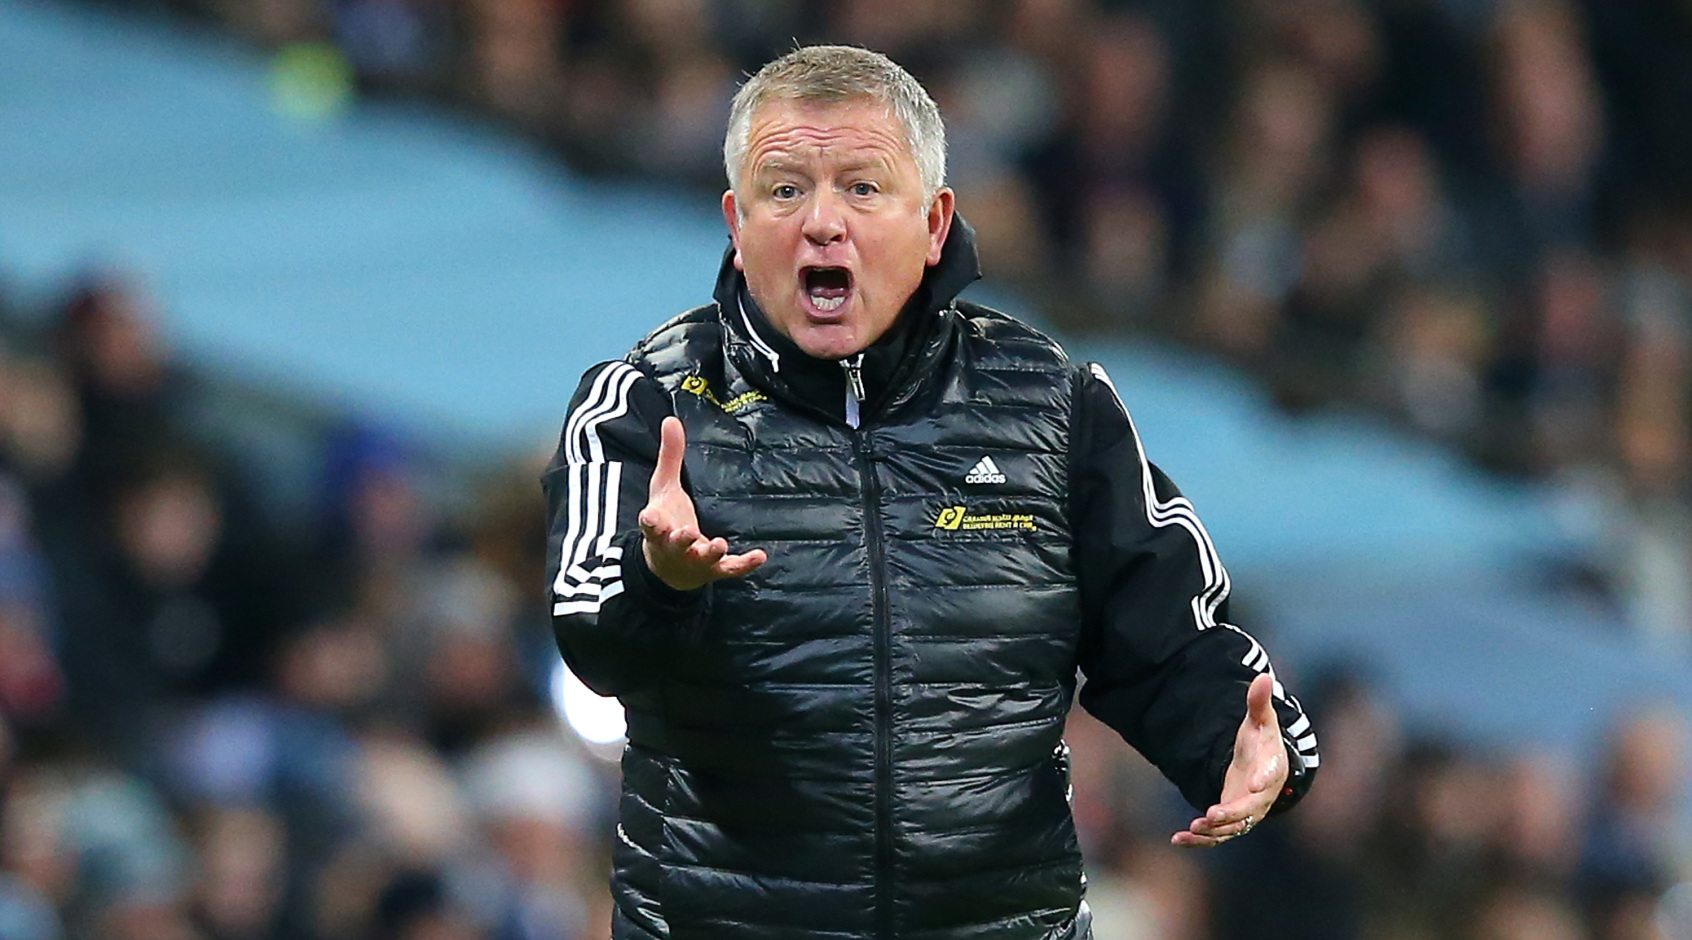 """Тренер """"Шеффилд Юнайтед"""": """"Если судья помешал нам, он должен был принять разумное решение"""""""